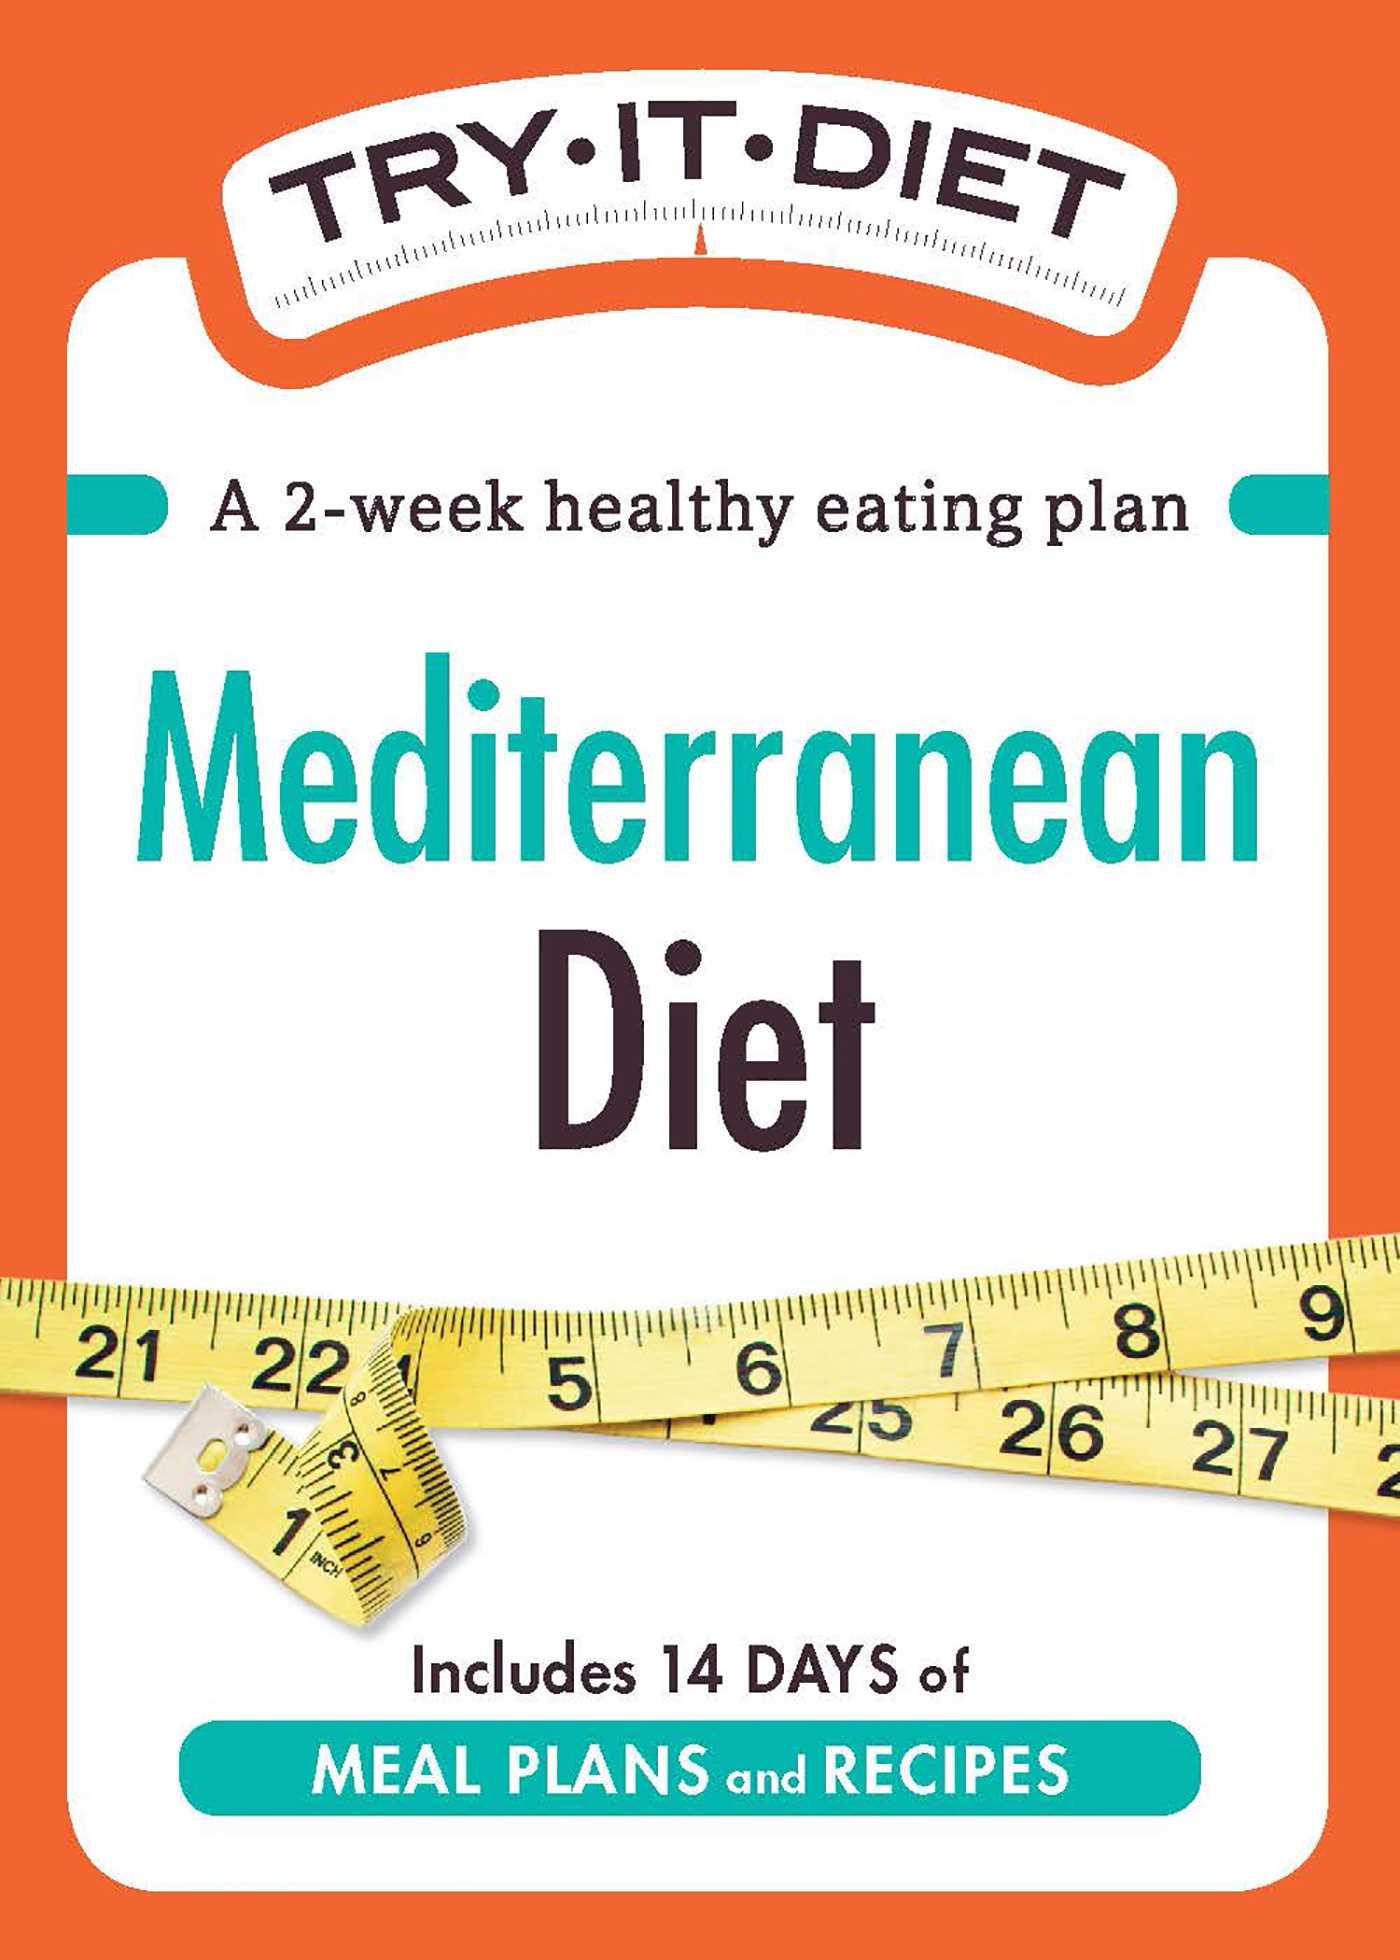 Mediterranean Diet Book